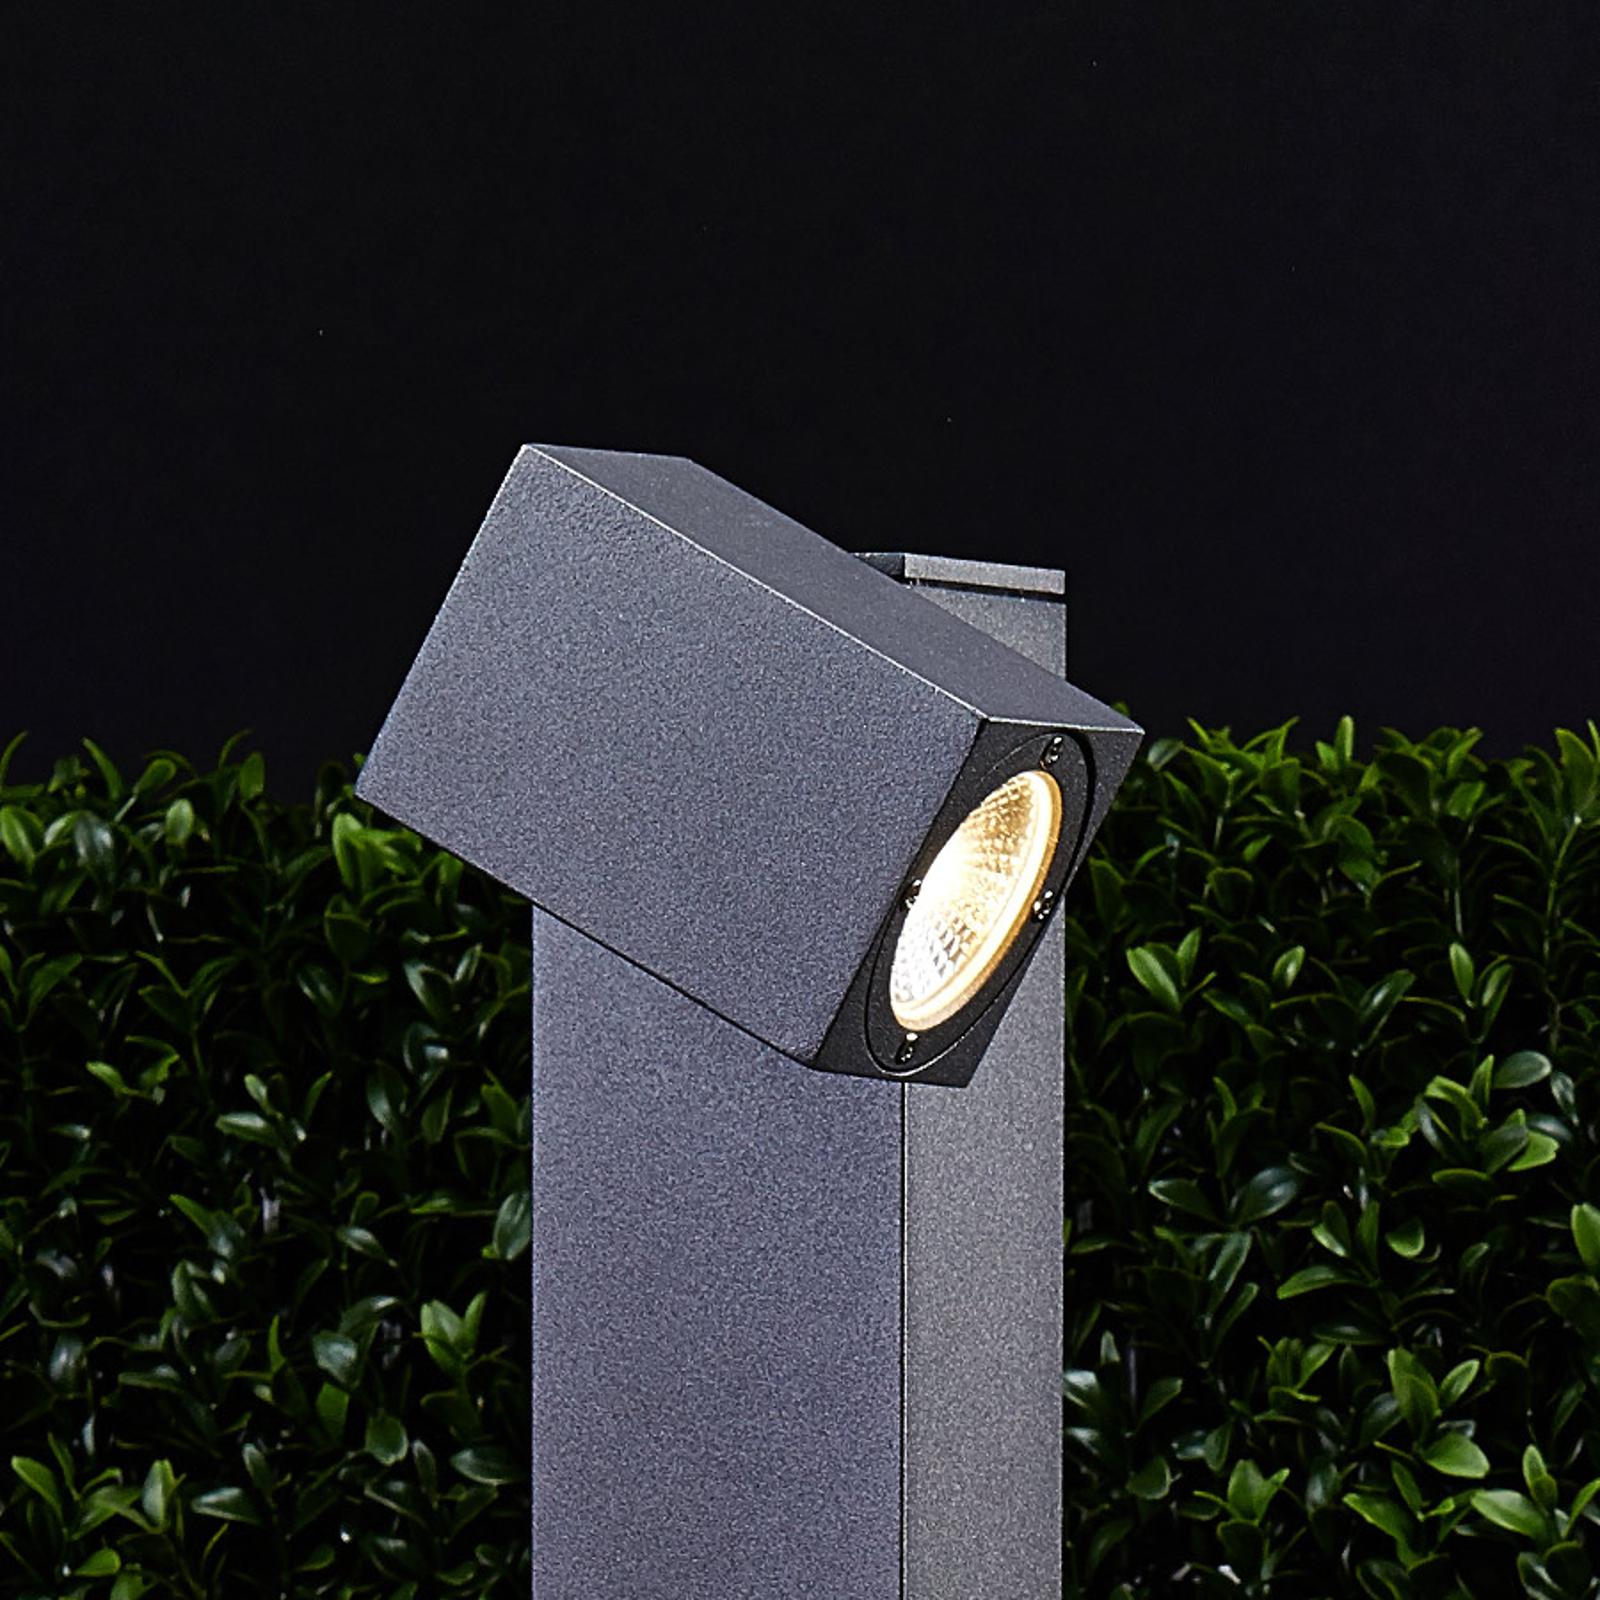 Borne lumineuse LED Lorik à tête flexible